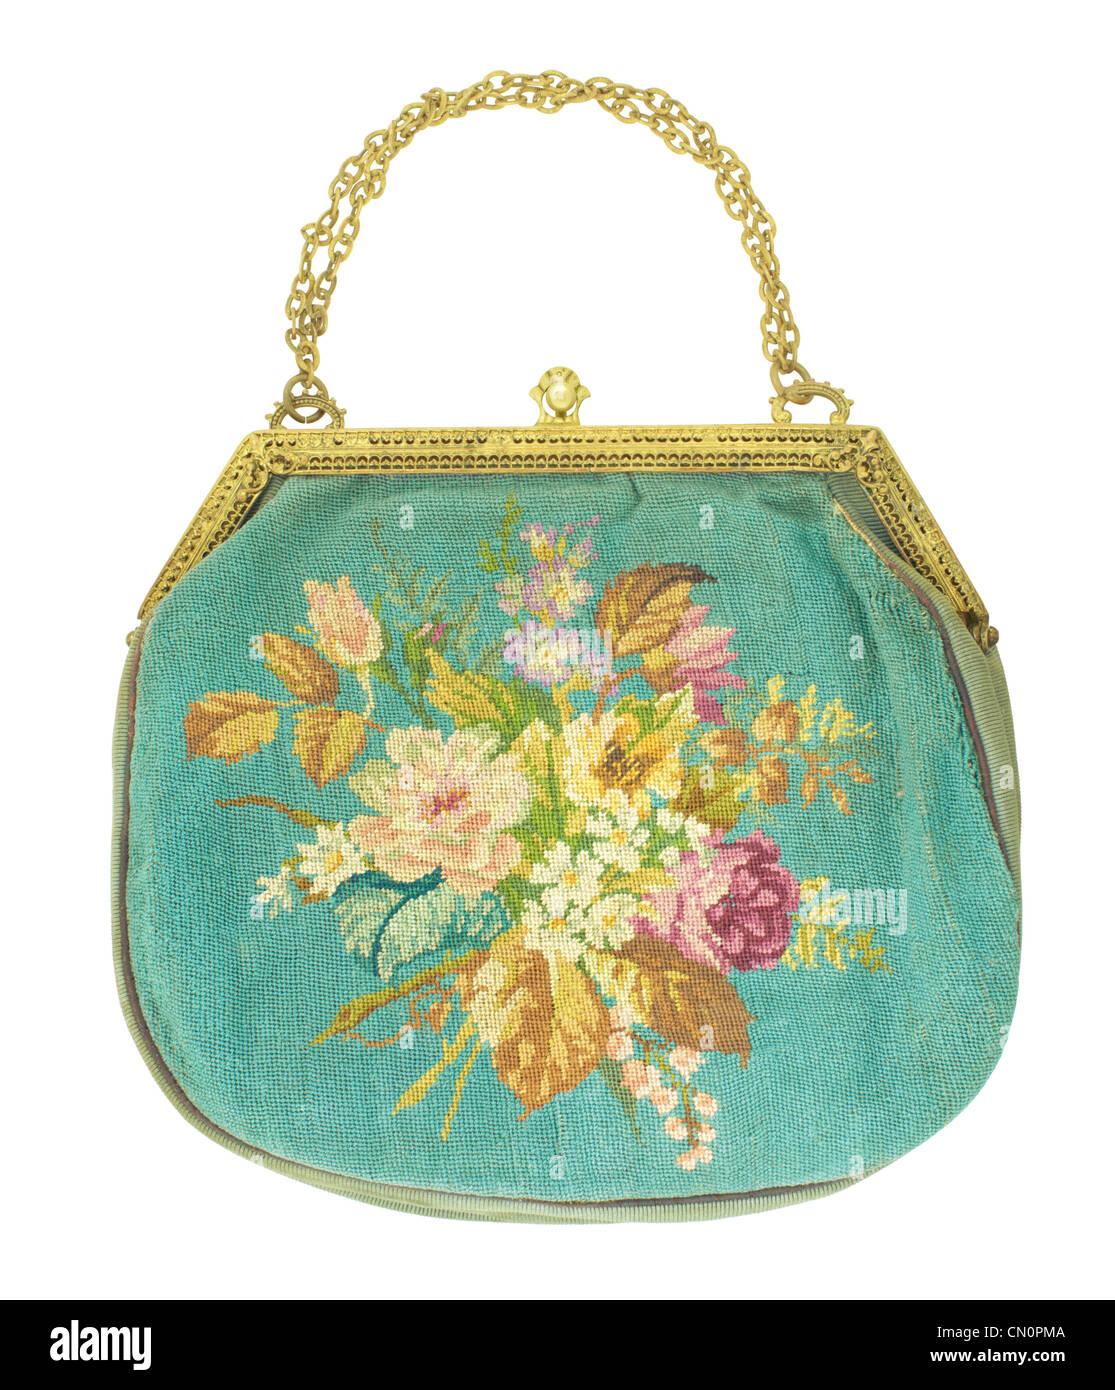 Retro female purse on white background. - Stock Image